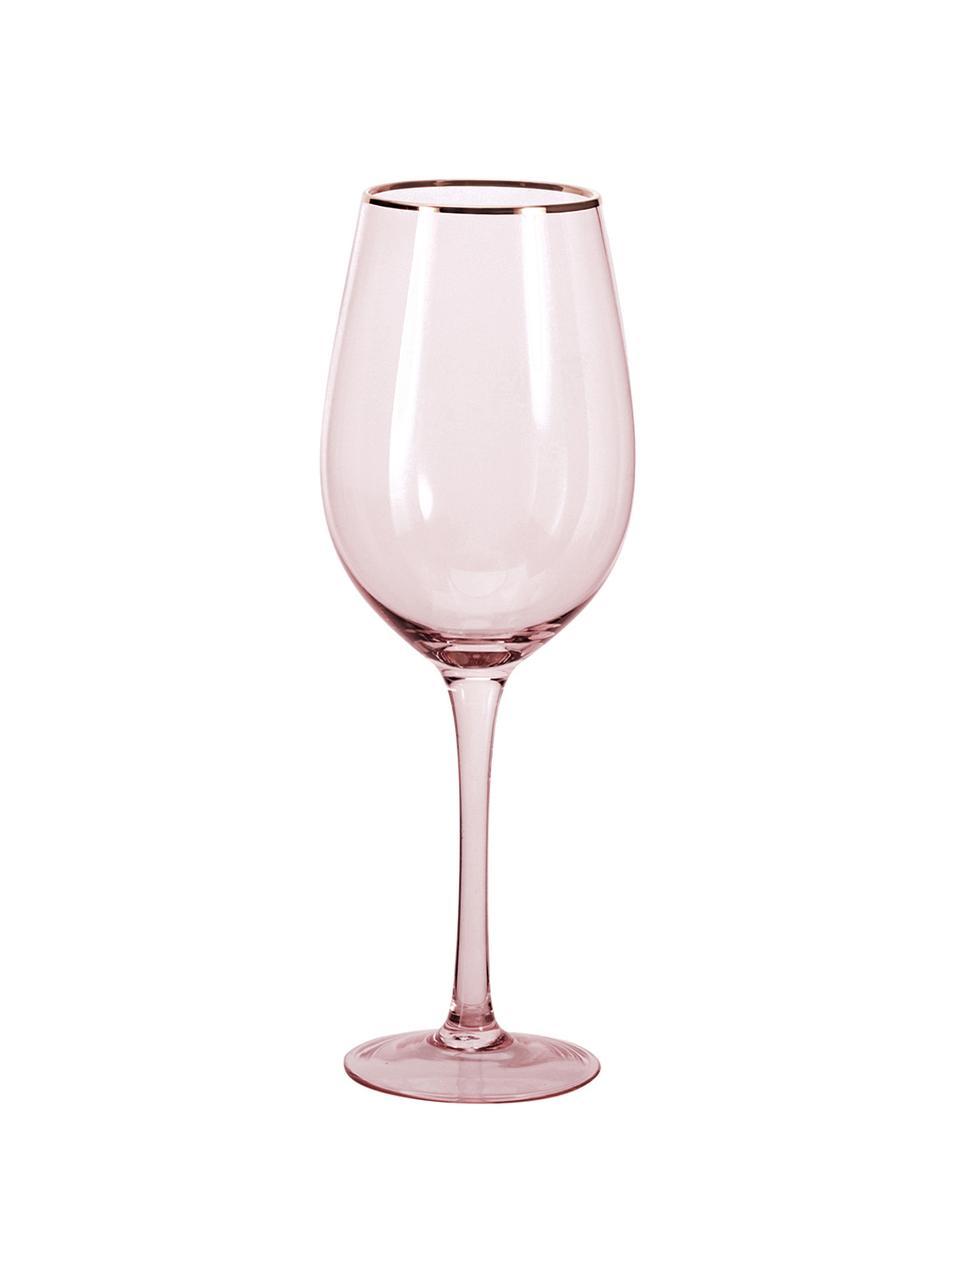 Kieliszek do wina Chloe, 4 szt., Szkło, Brzoskwiniowy, Ø 9 x W 26 cm